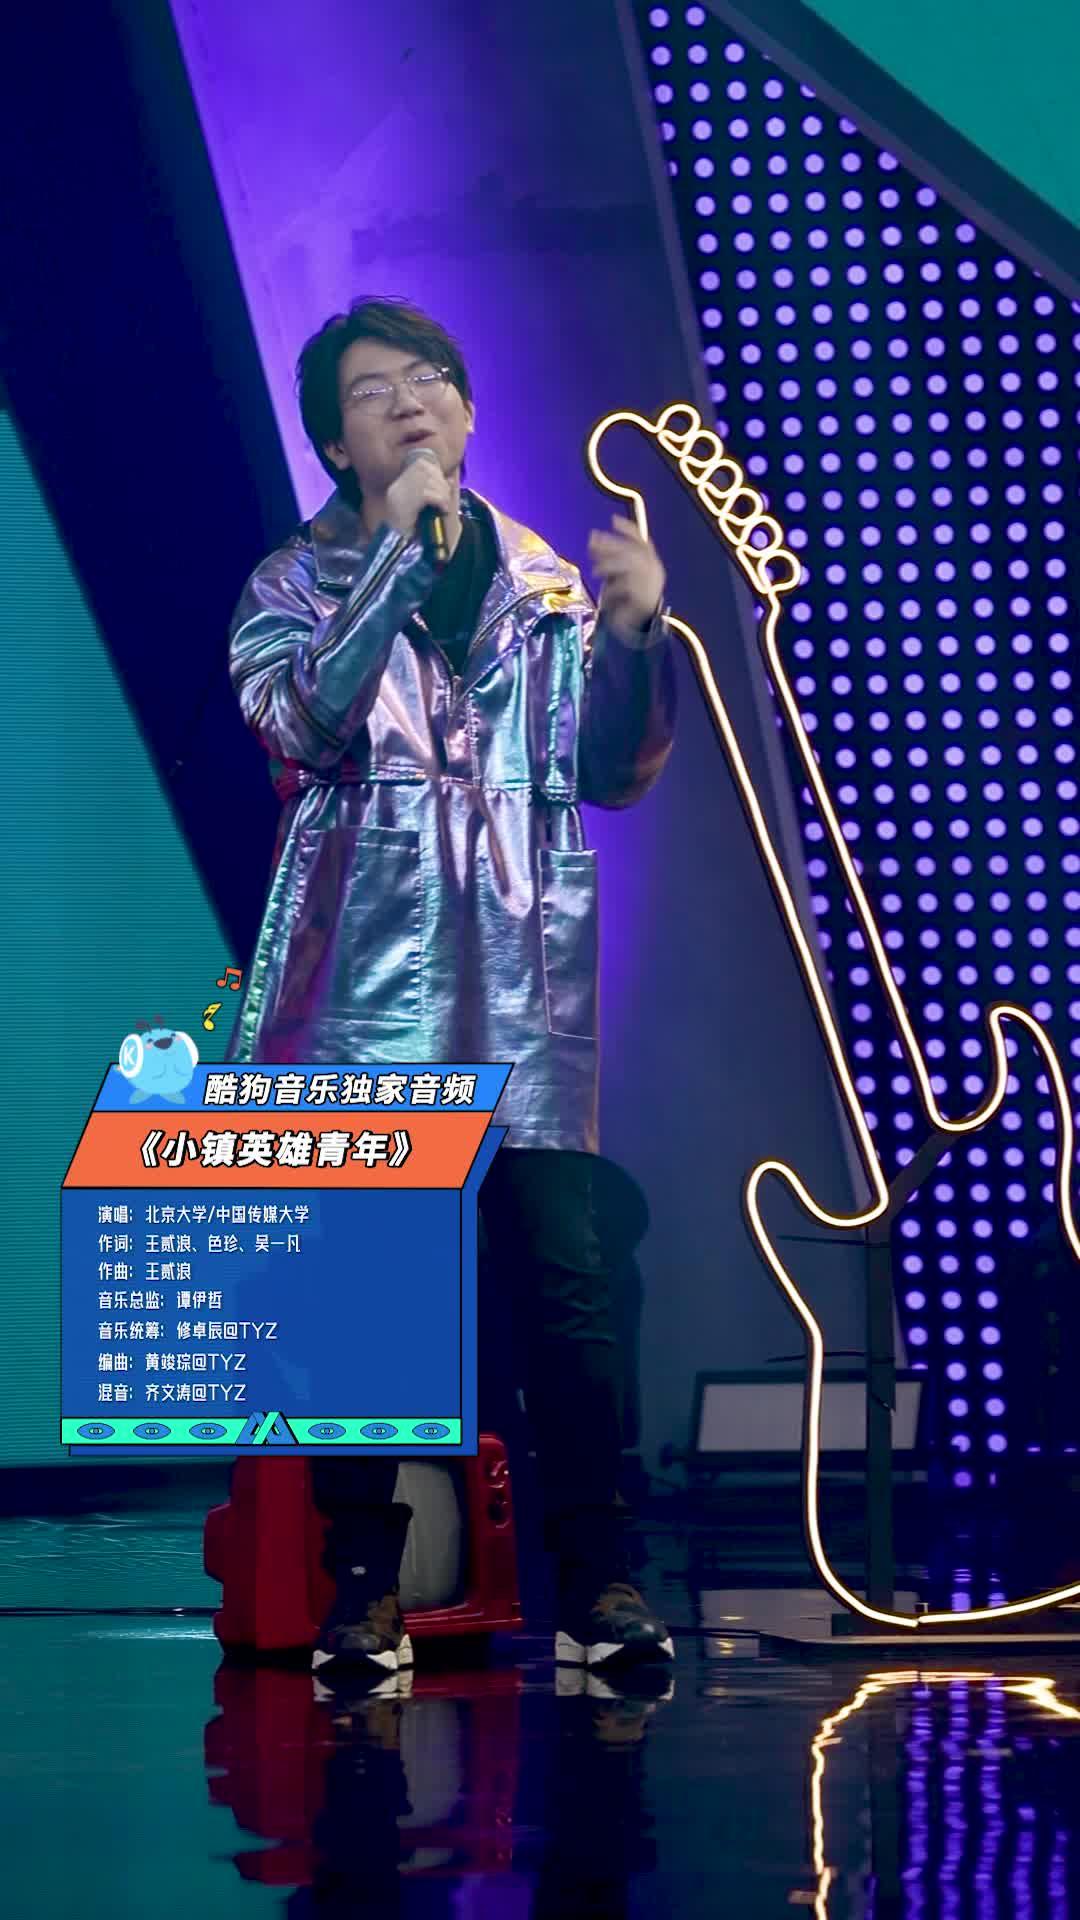 新声请指教:北京大学、中国传媒大学表演《小镇英雄青年》